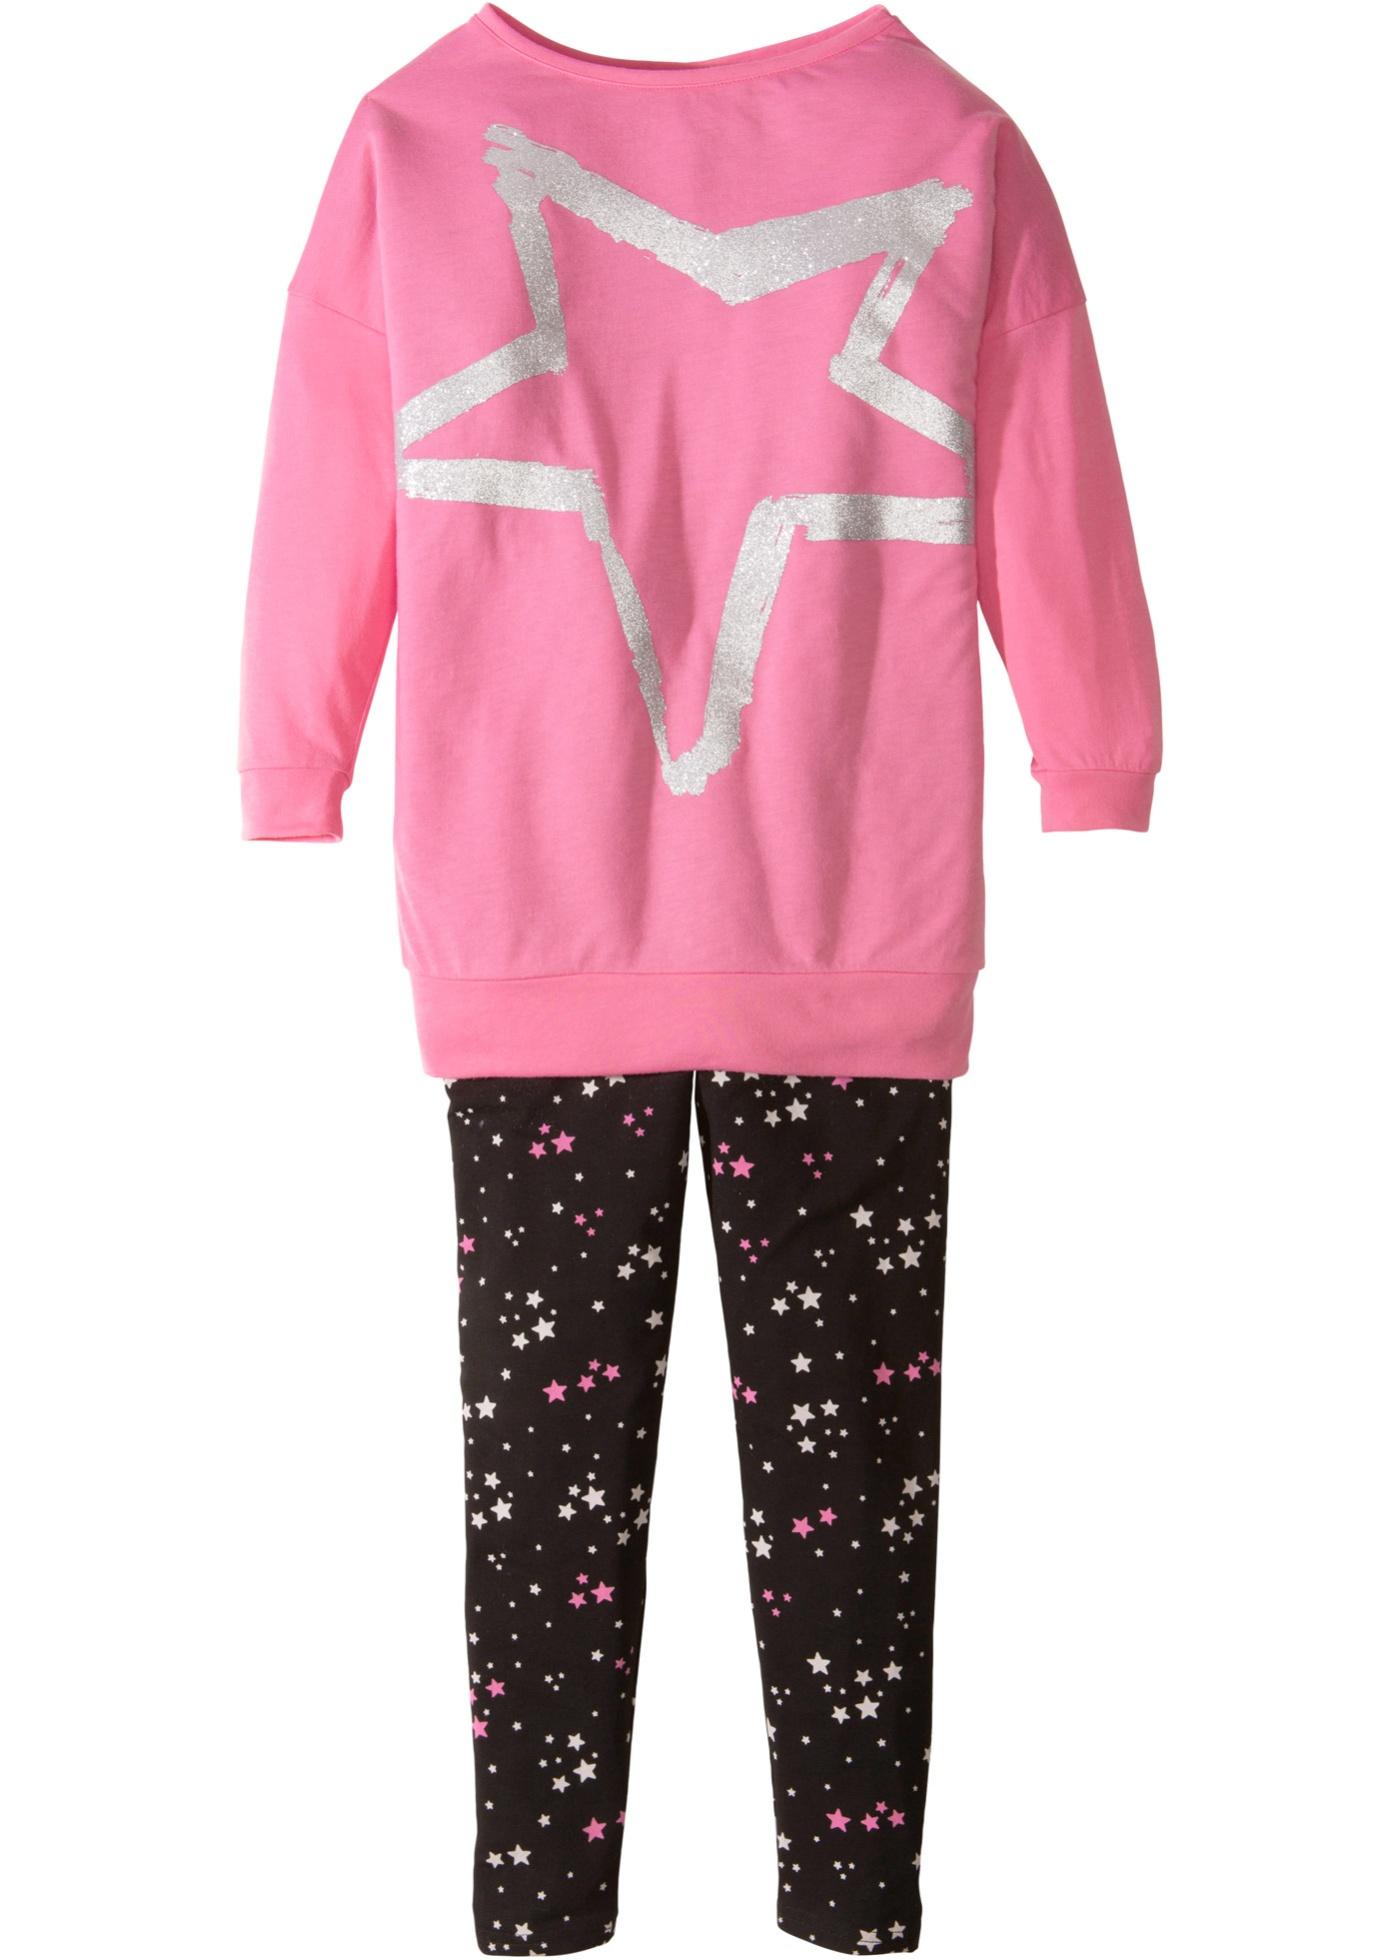 bpc bonprix collection Longshirt + leggings för flickor (2 delar)